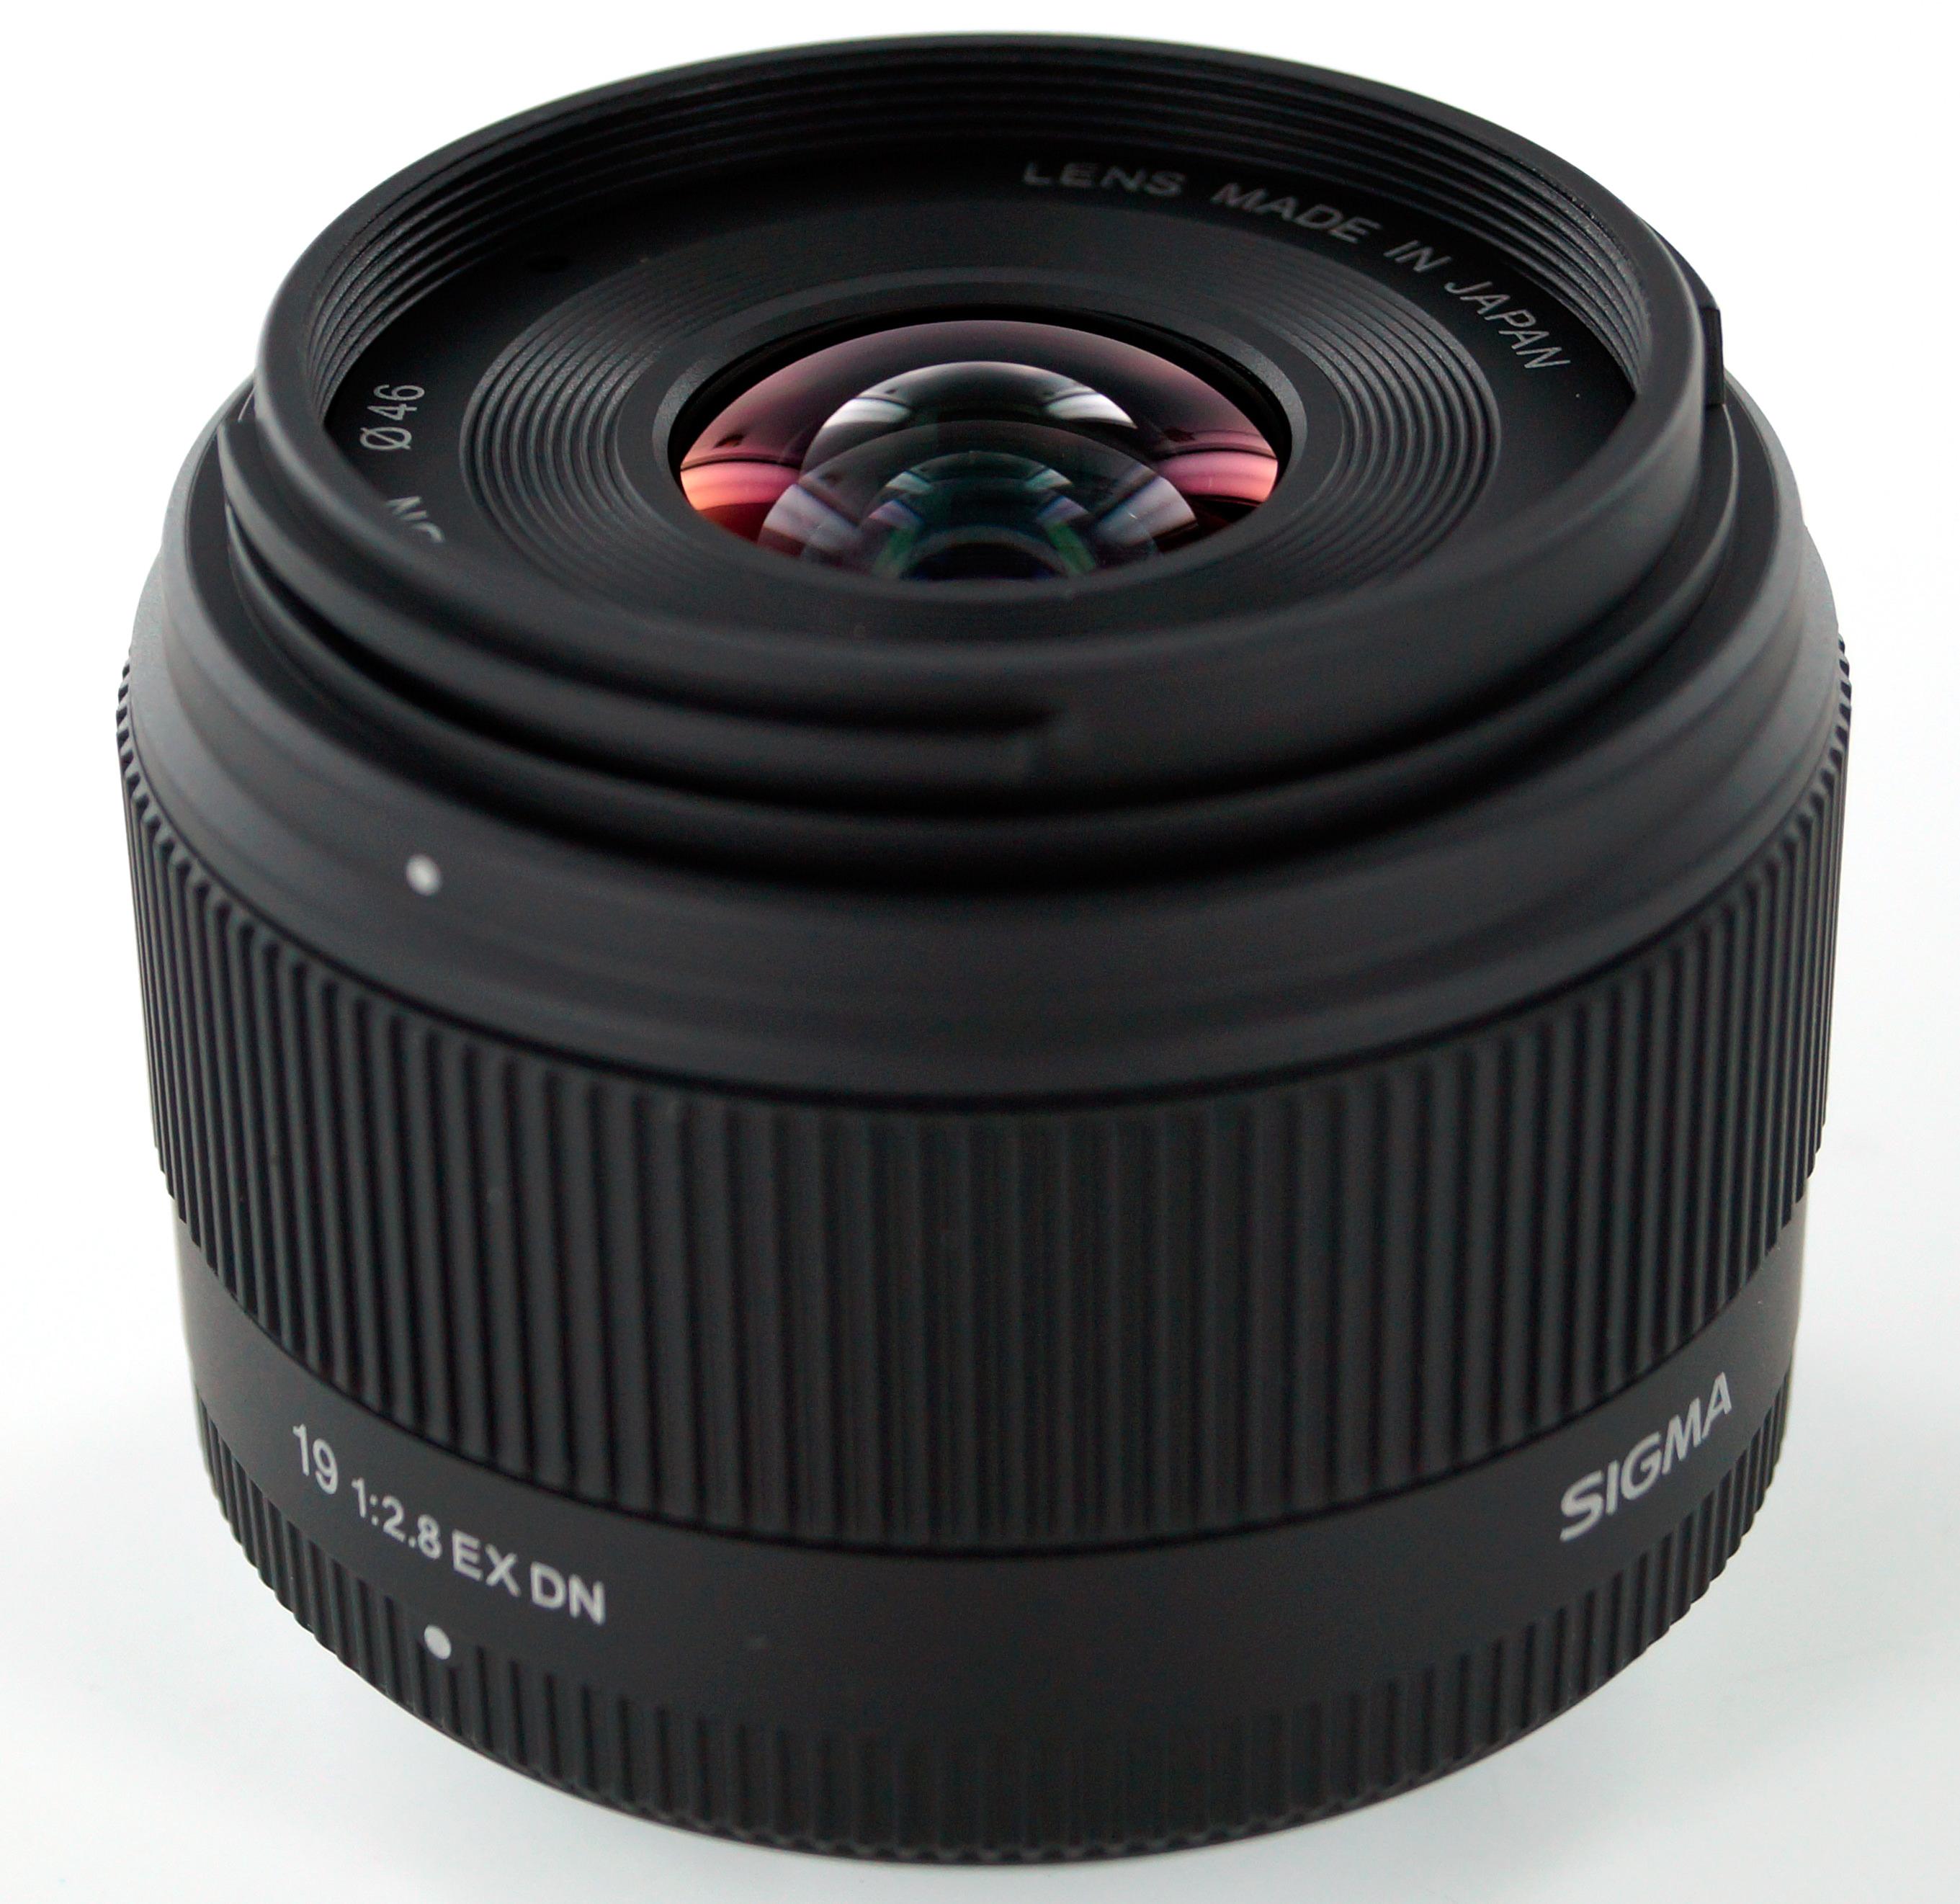 Sigma 19mm F 2 8 Ex Dn A Art M43 Lens Review